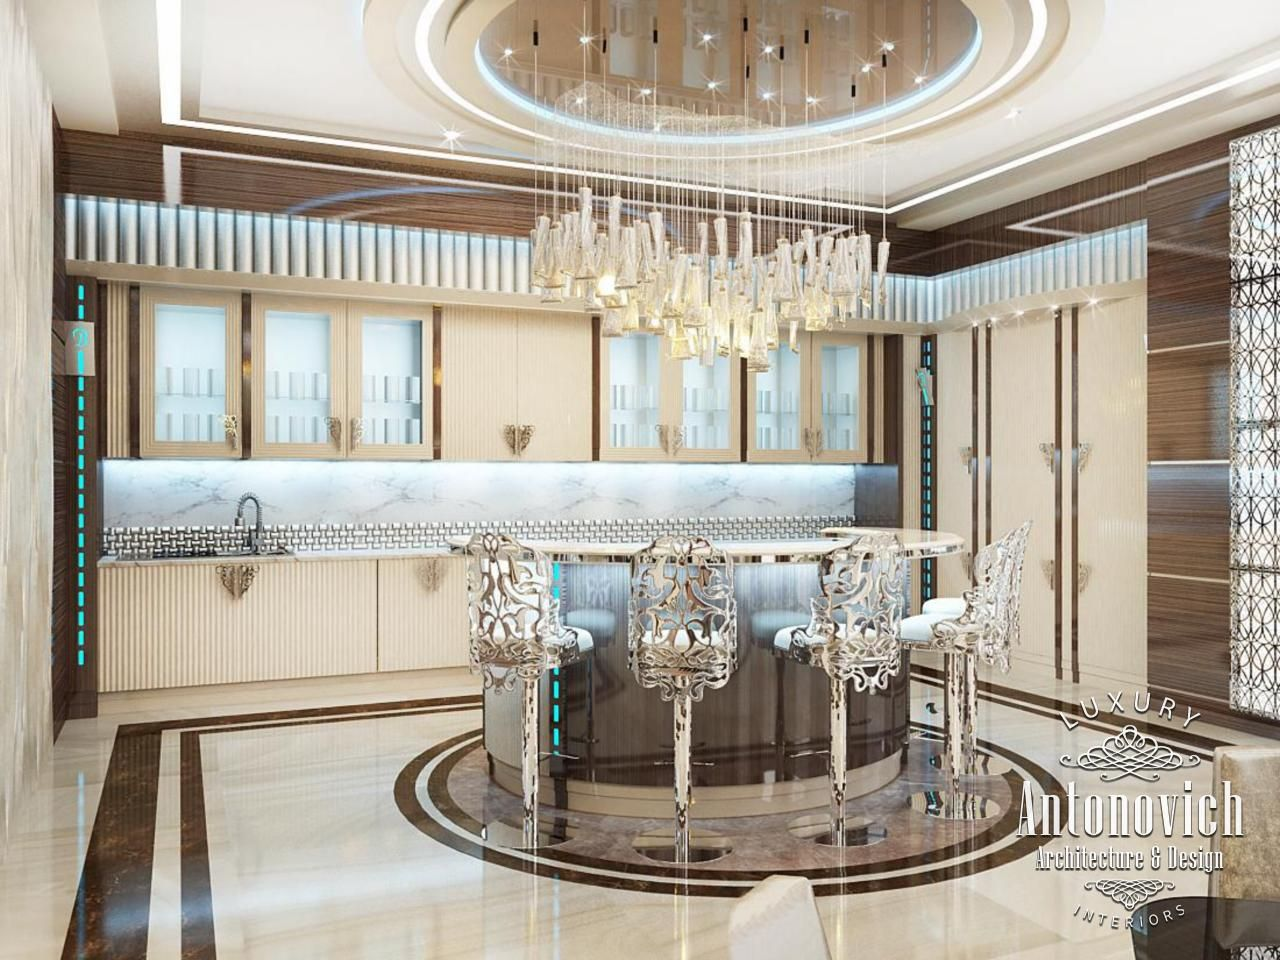 Kitchen Design in Dubai, Kitchen Interior in a Modern Style, Photo 1 ...